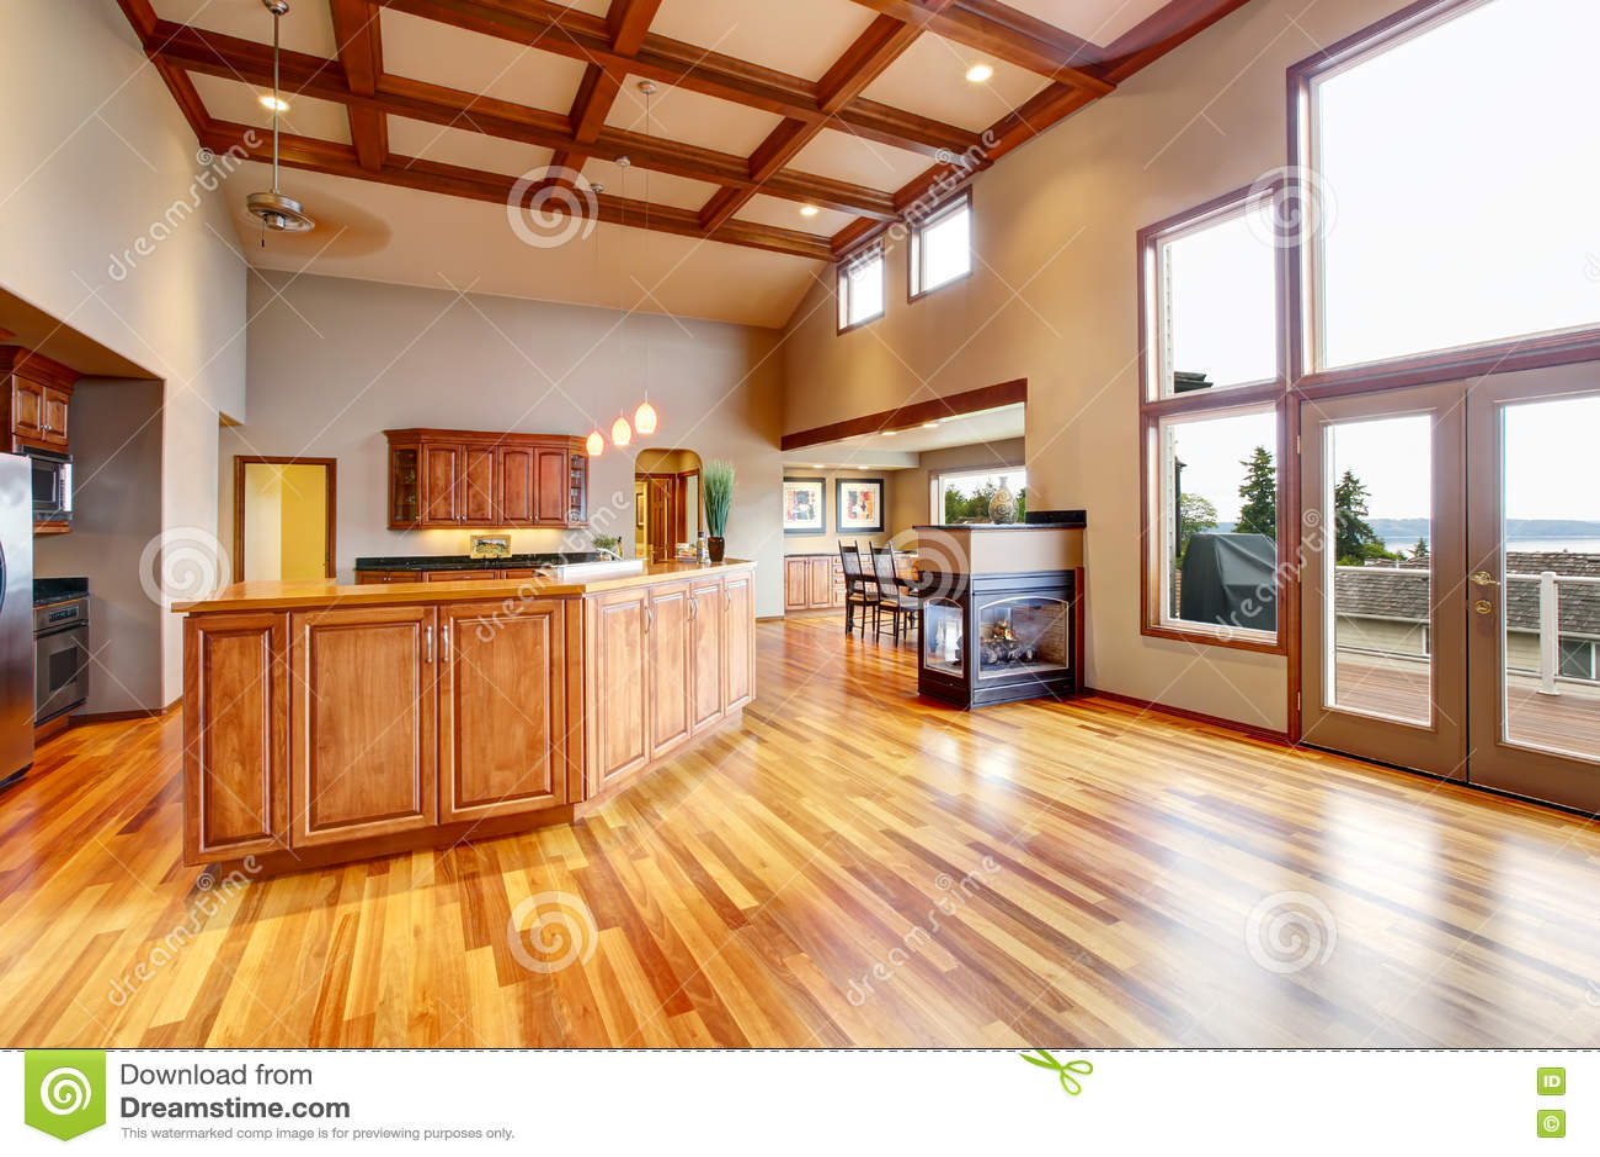 Plan de suelo abierto la sala de estar kithen y comedor for Plan de la sala de 40m2